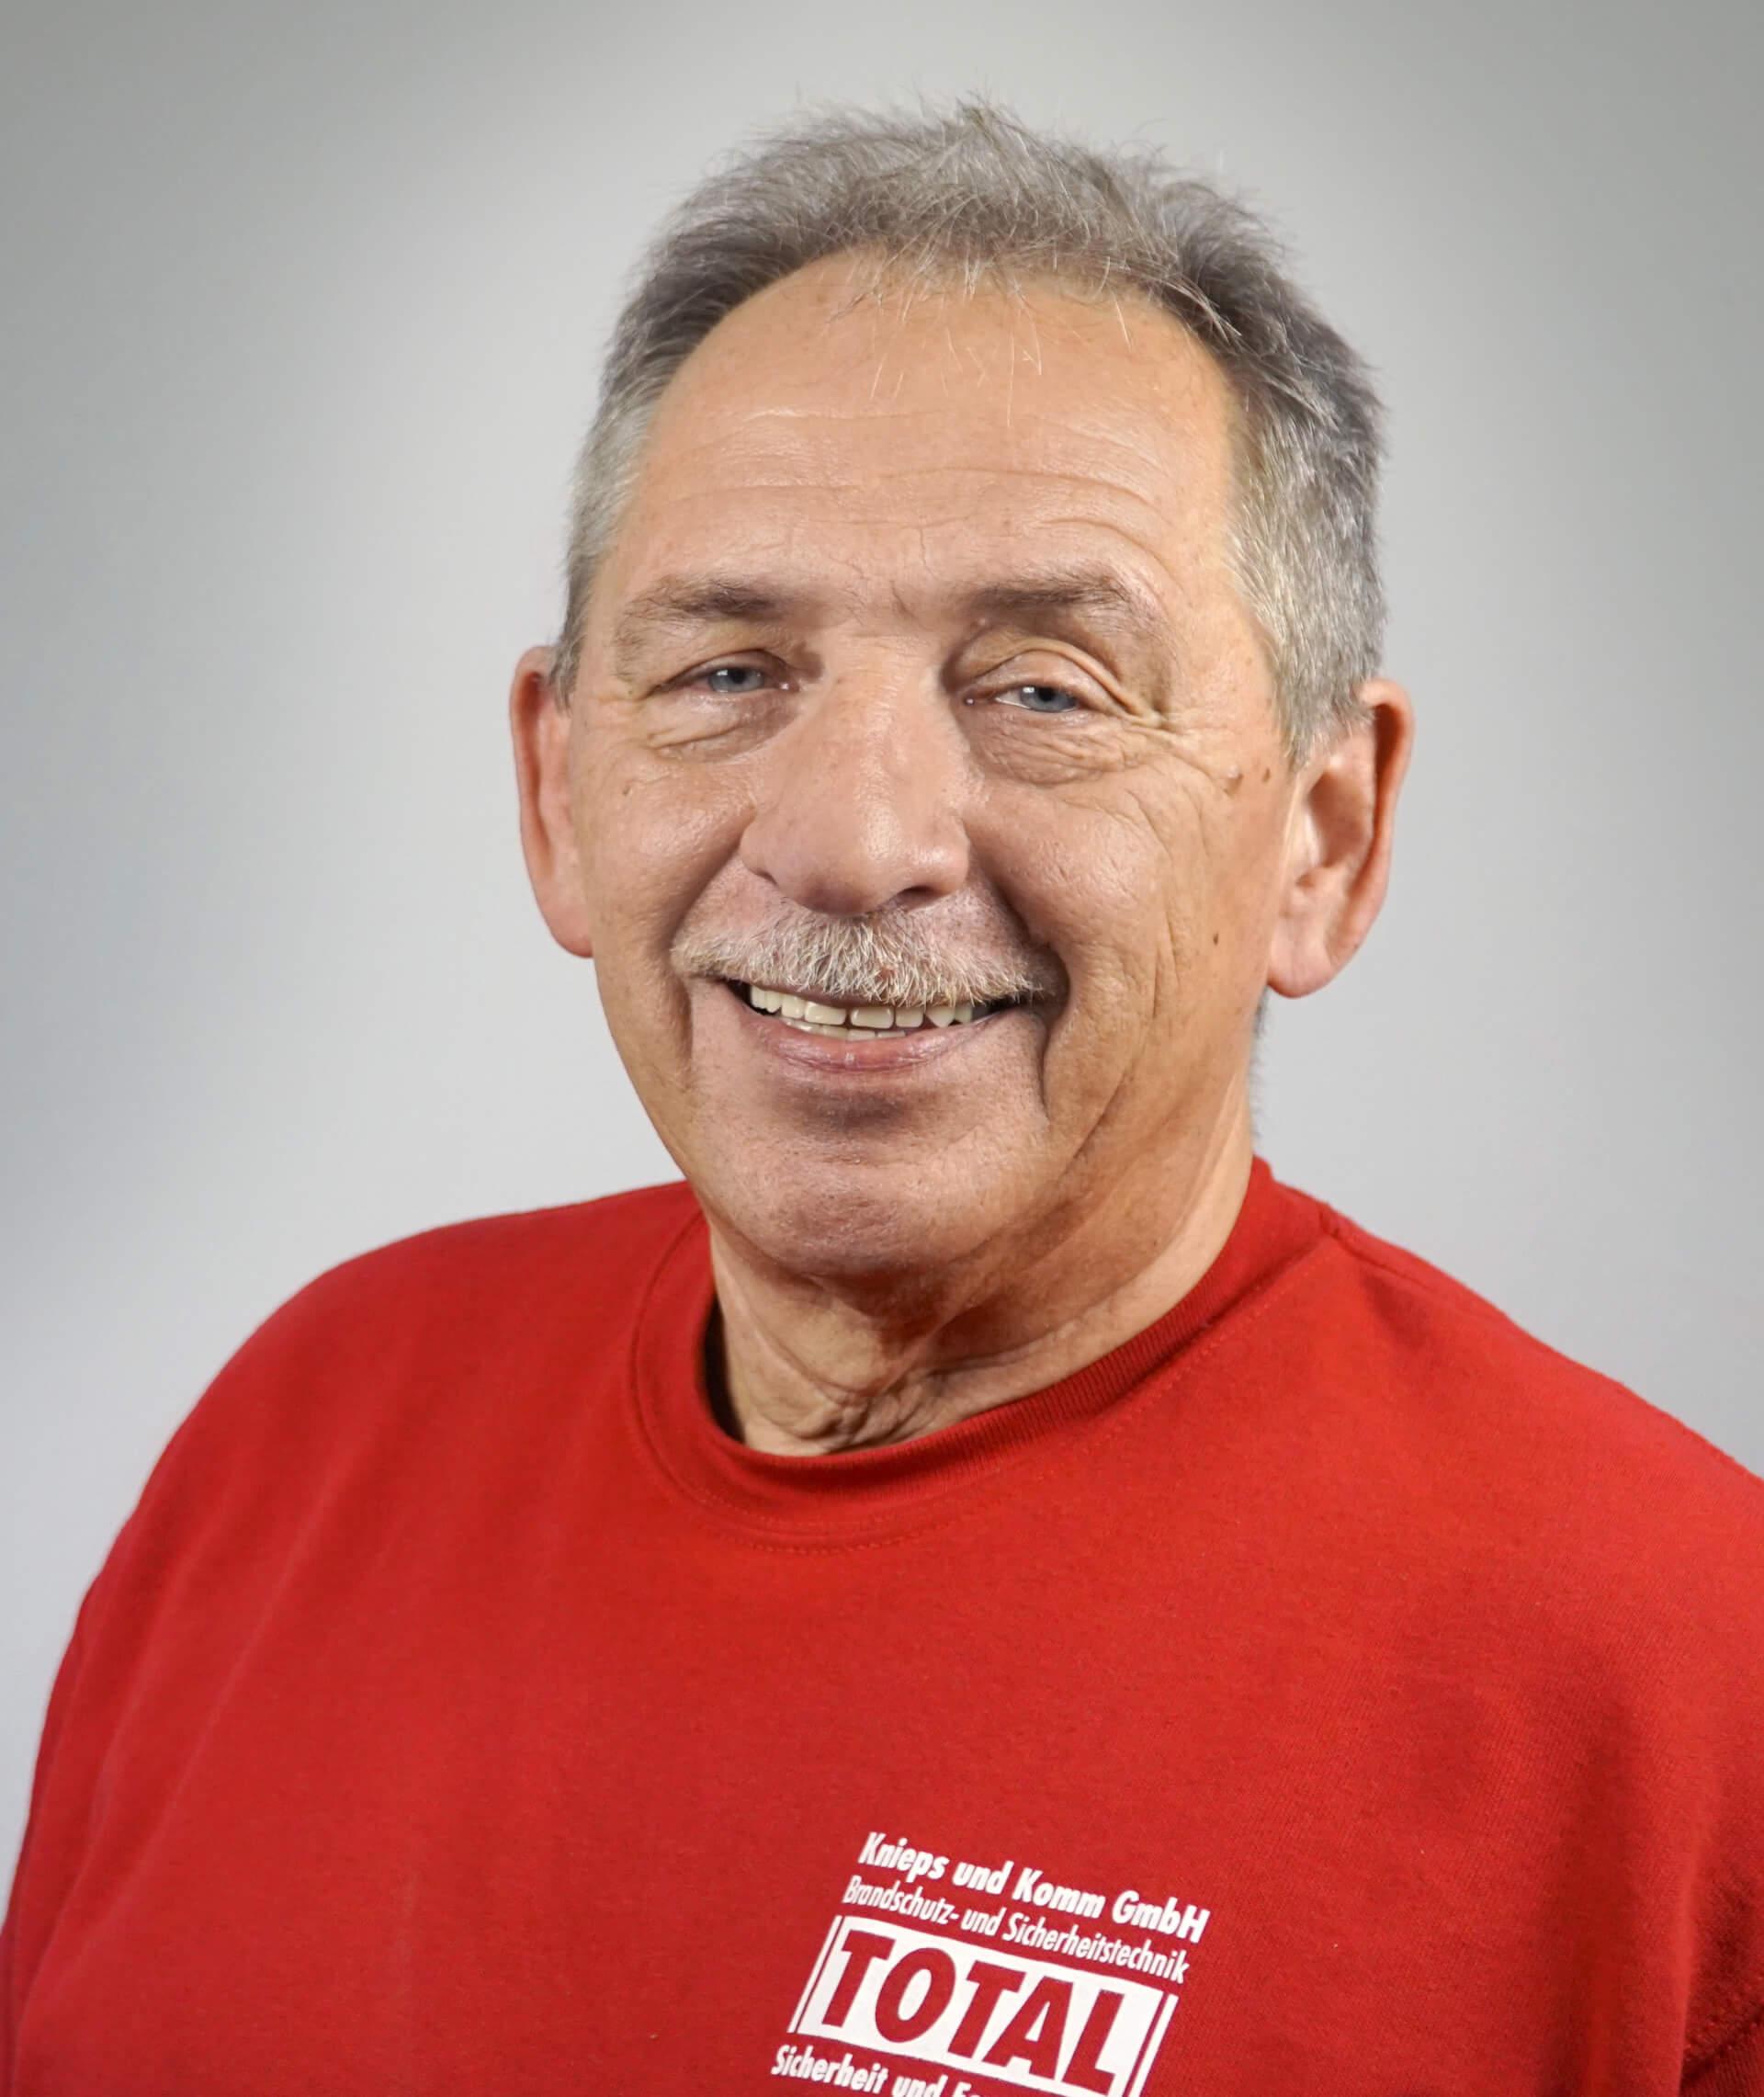 Oskar Komm von der Knieps & Komm GmbH